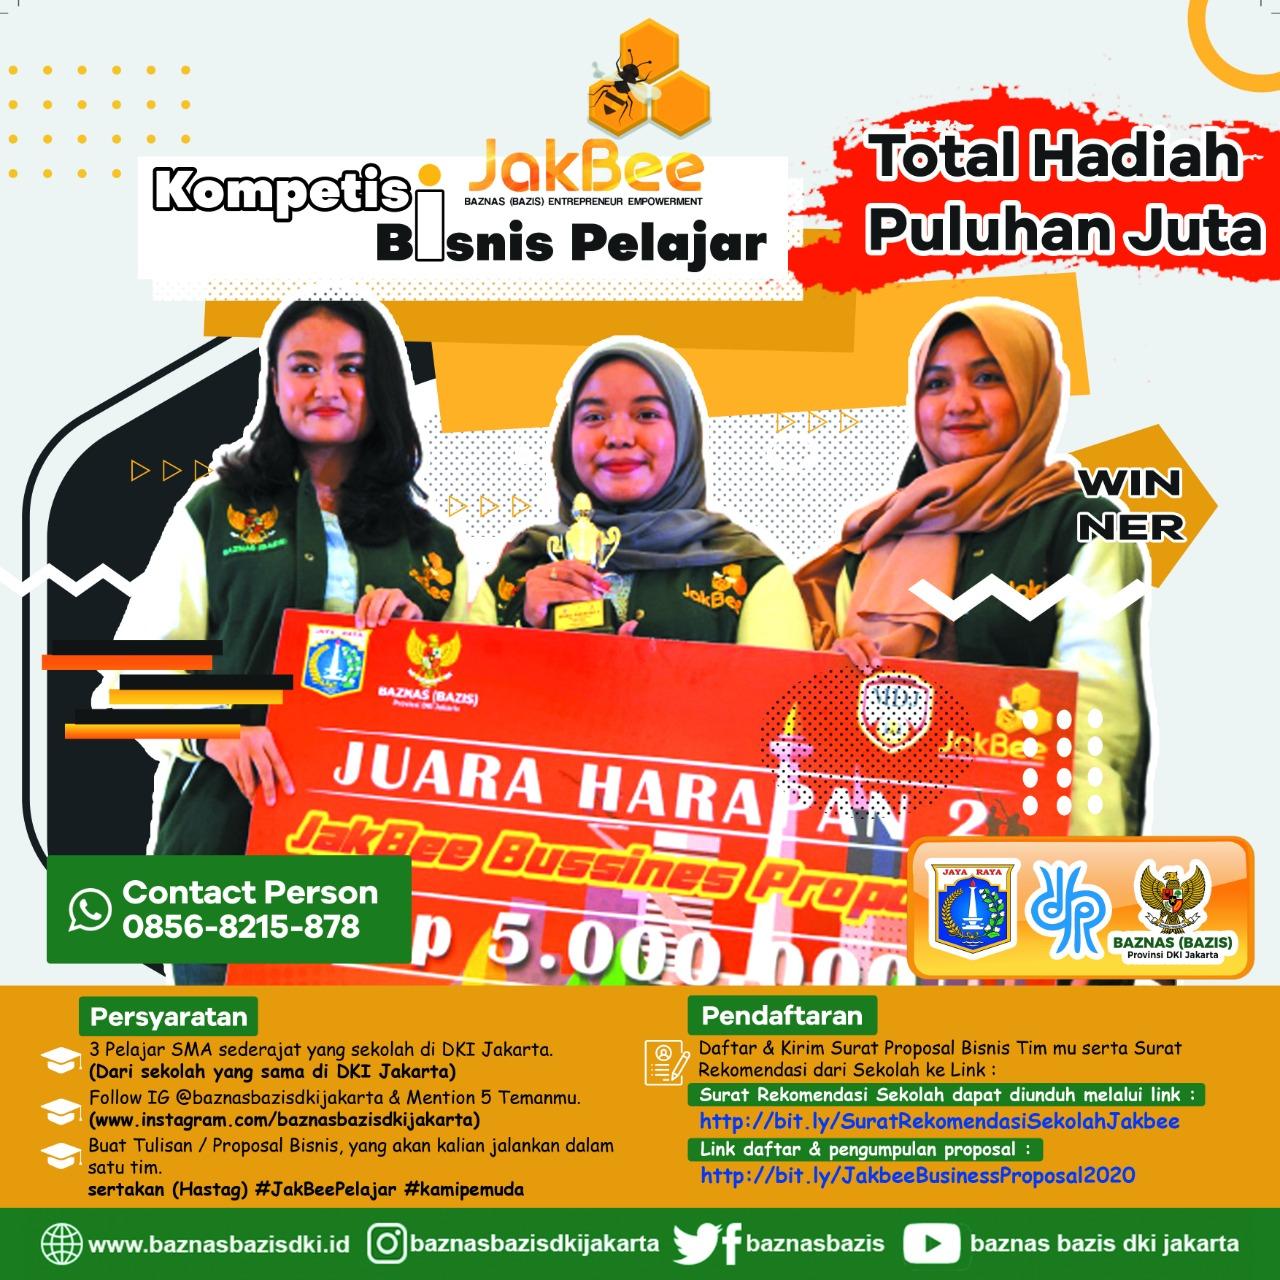 Kompetisi Jakbee Bagi Pelajar Tingkar SMA Diadakan Baznas Bazis Jakarta Utara